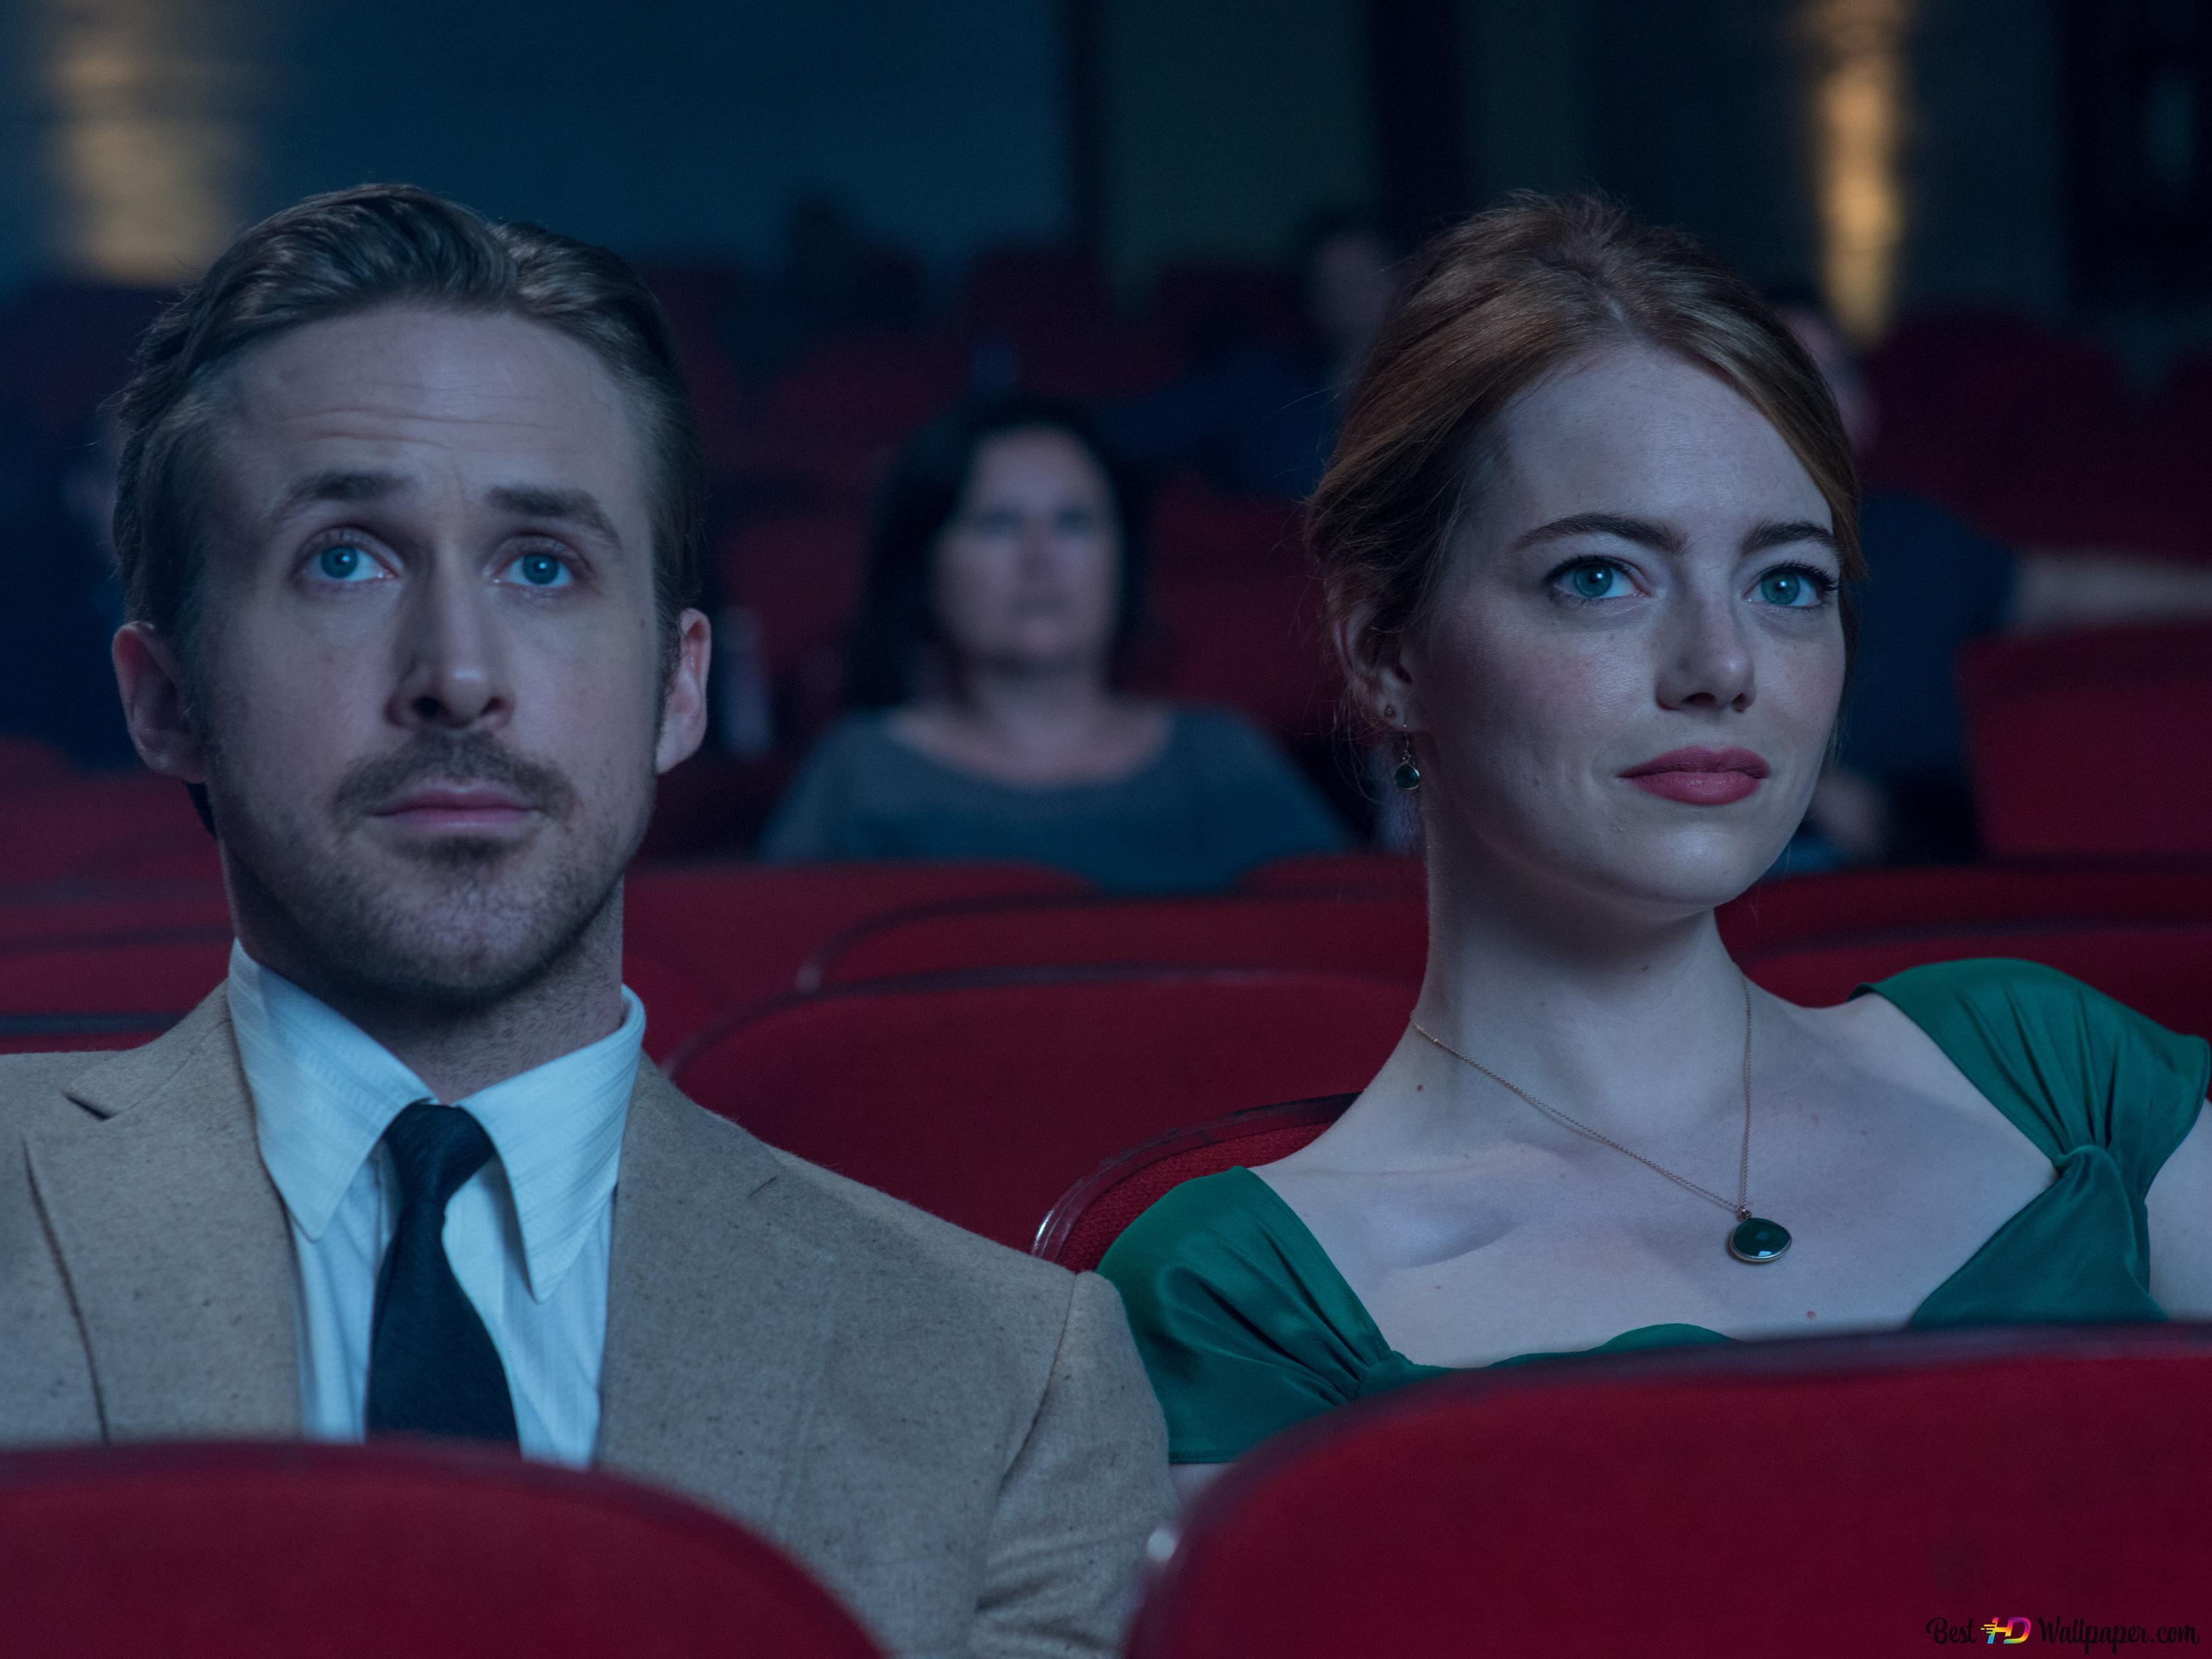 La La Land Mia And Sebastian On A Movie Date Hd Wallpaper Download